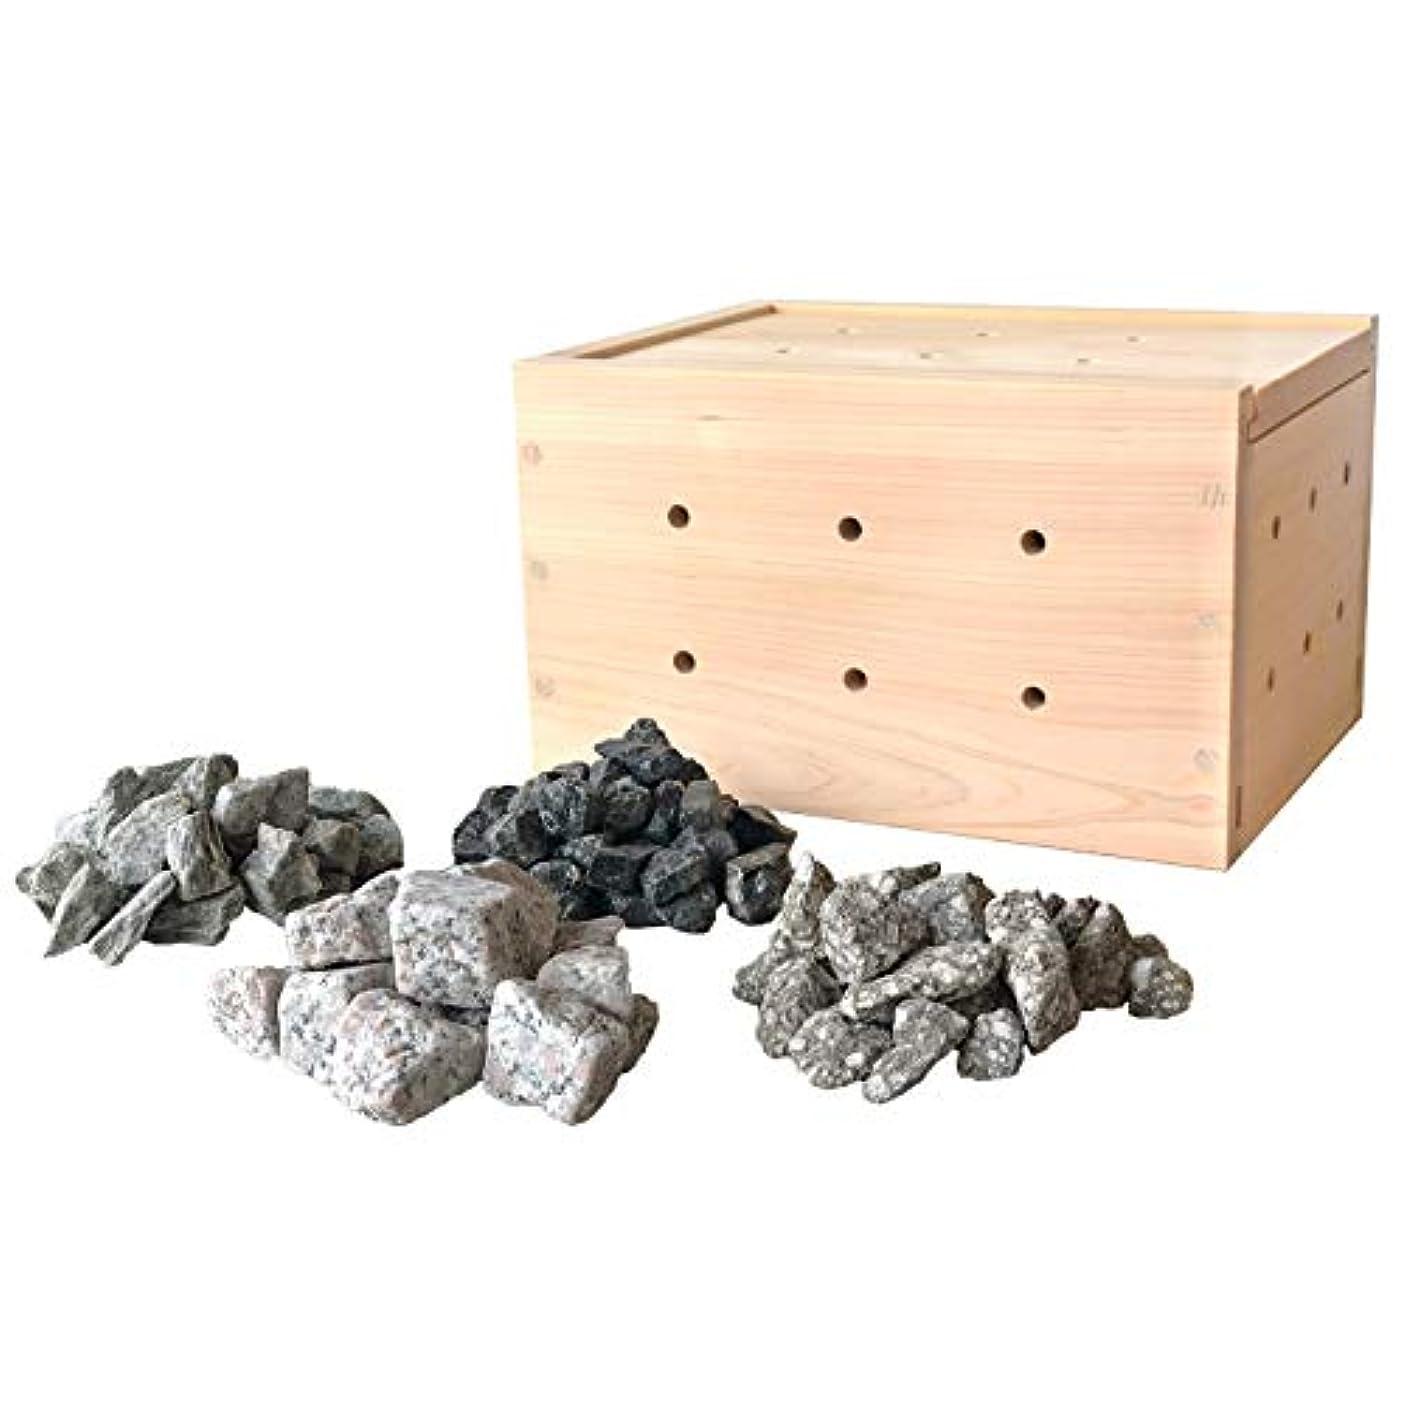 階下戻る記録薬石温浴セット ネット付き【ゲルマニウム トルマリン ラジウム 麦飯石】